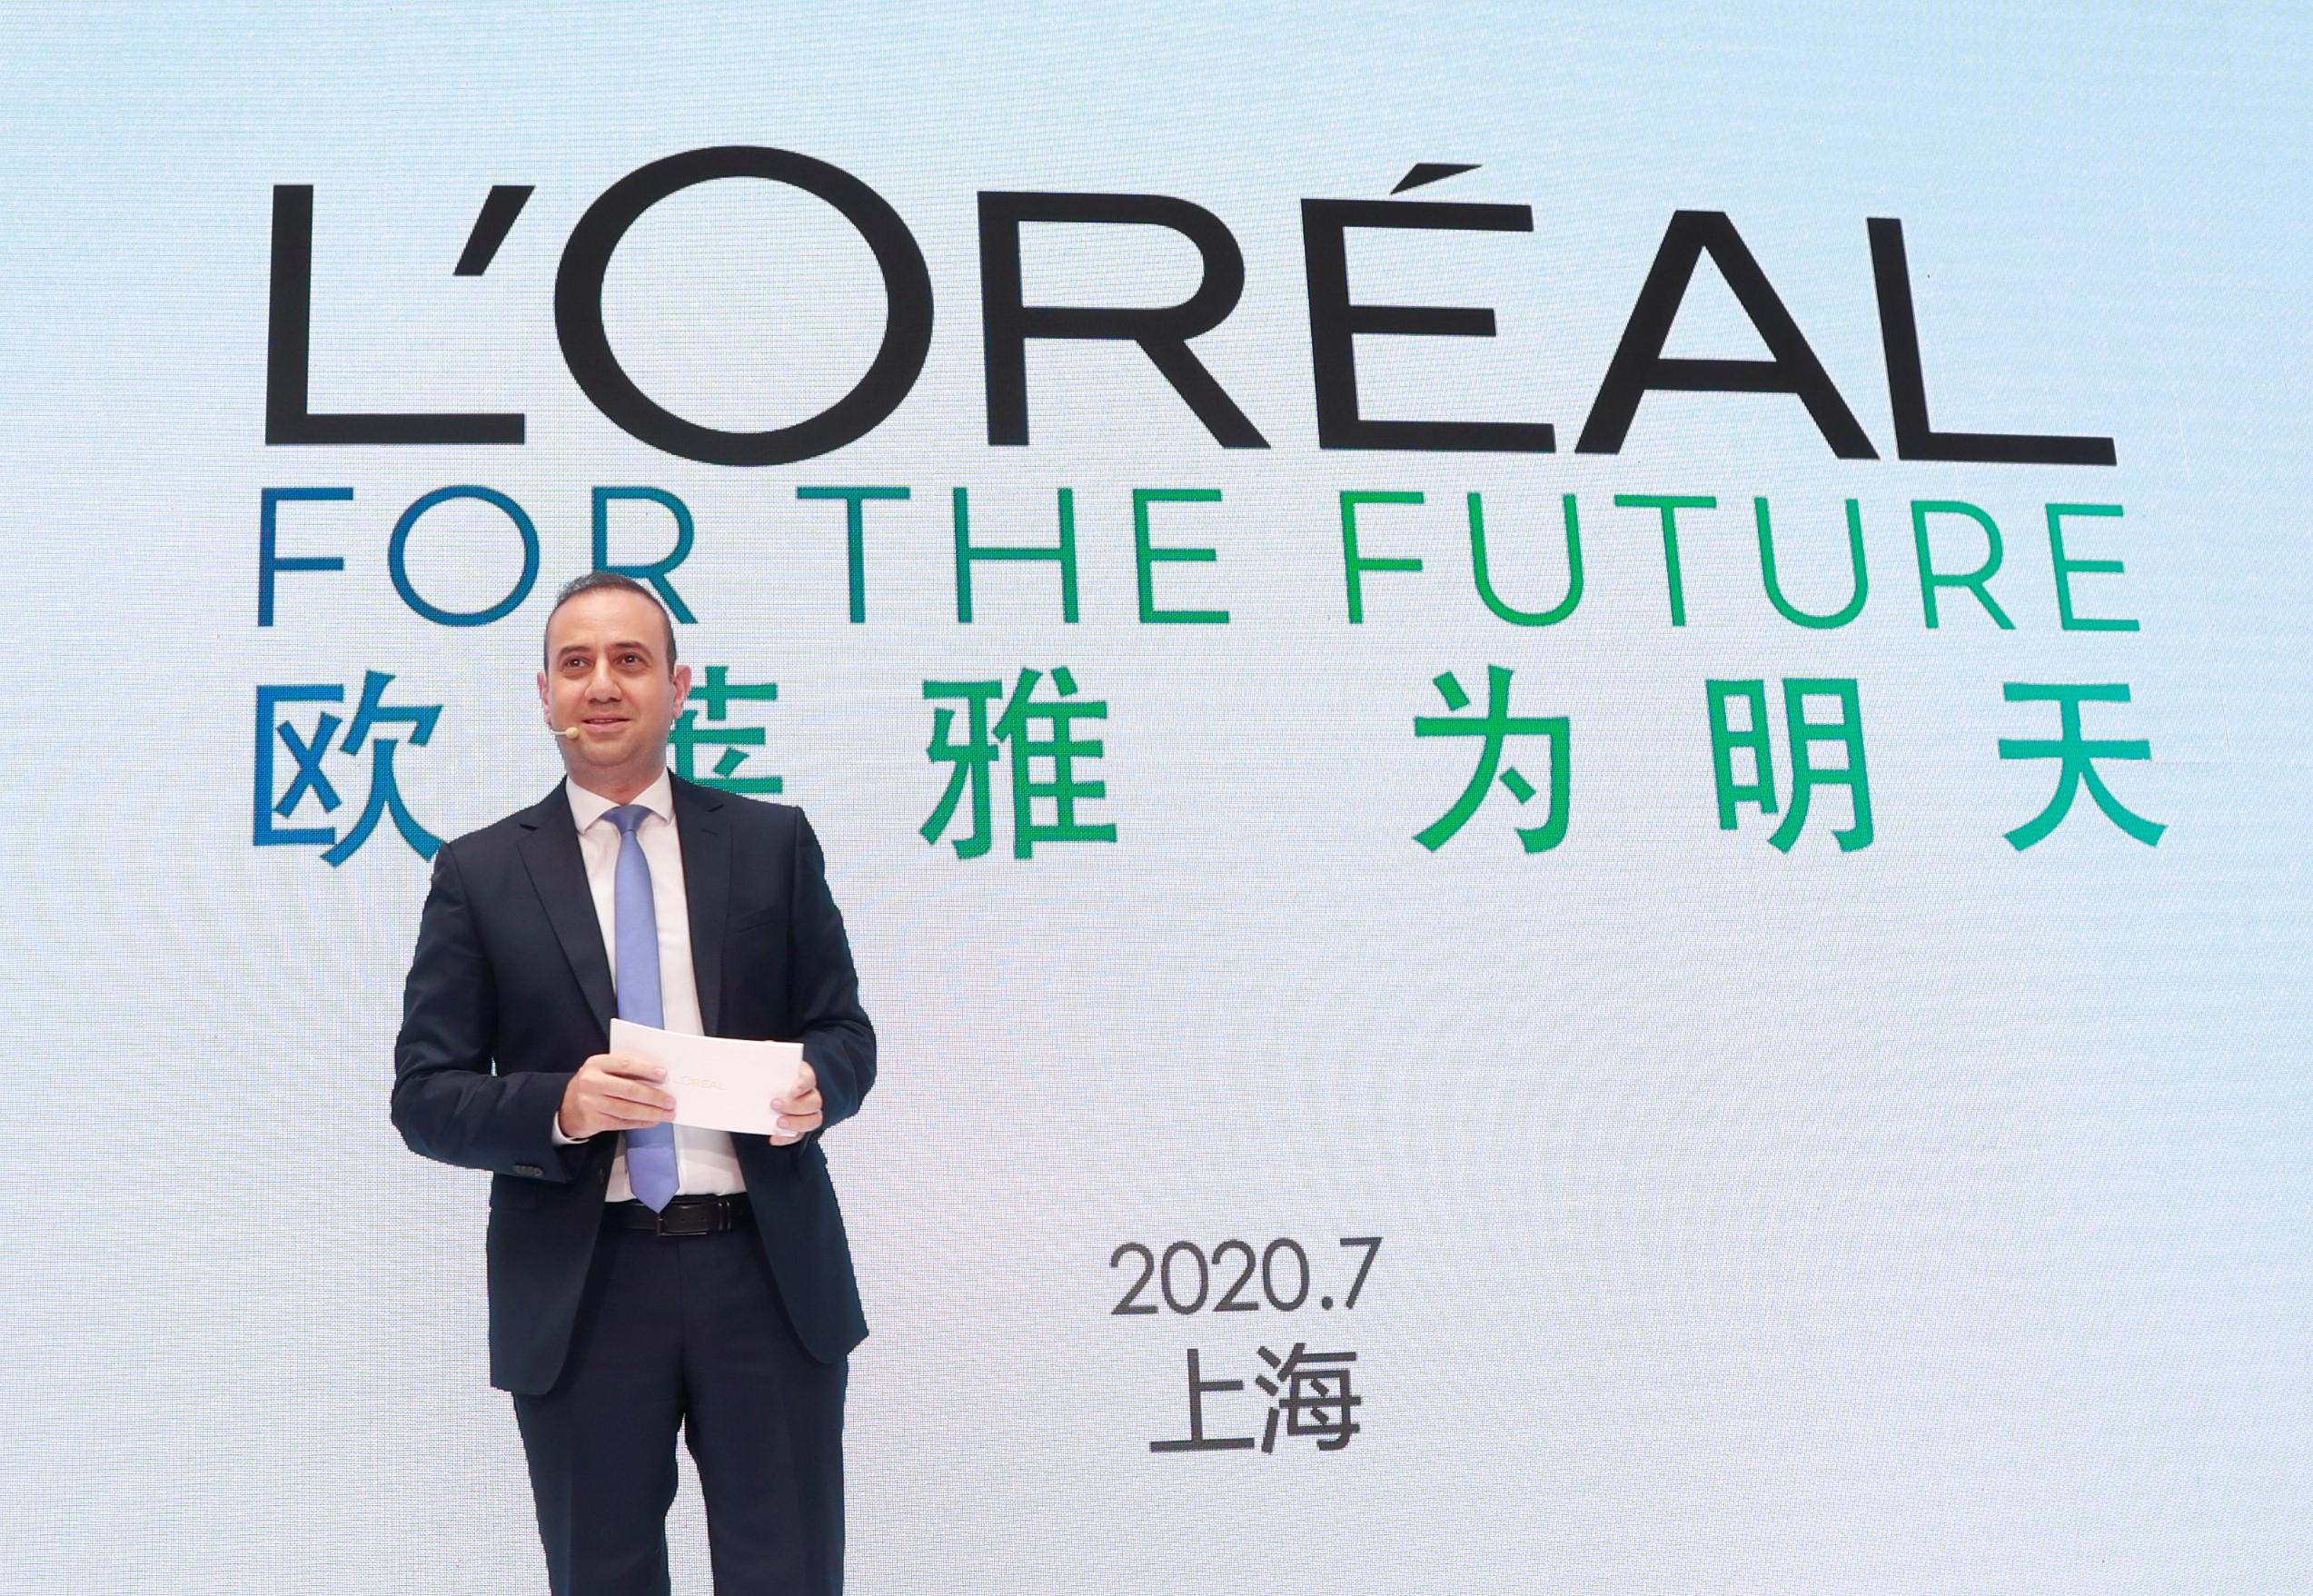 """""""欧莱雅, 为明天""""2030可持续发展宏伟目标全球发布,""""美好星球,明天见"""" 欧莱雅中国年度绿色消费倡导启动"""